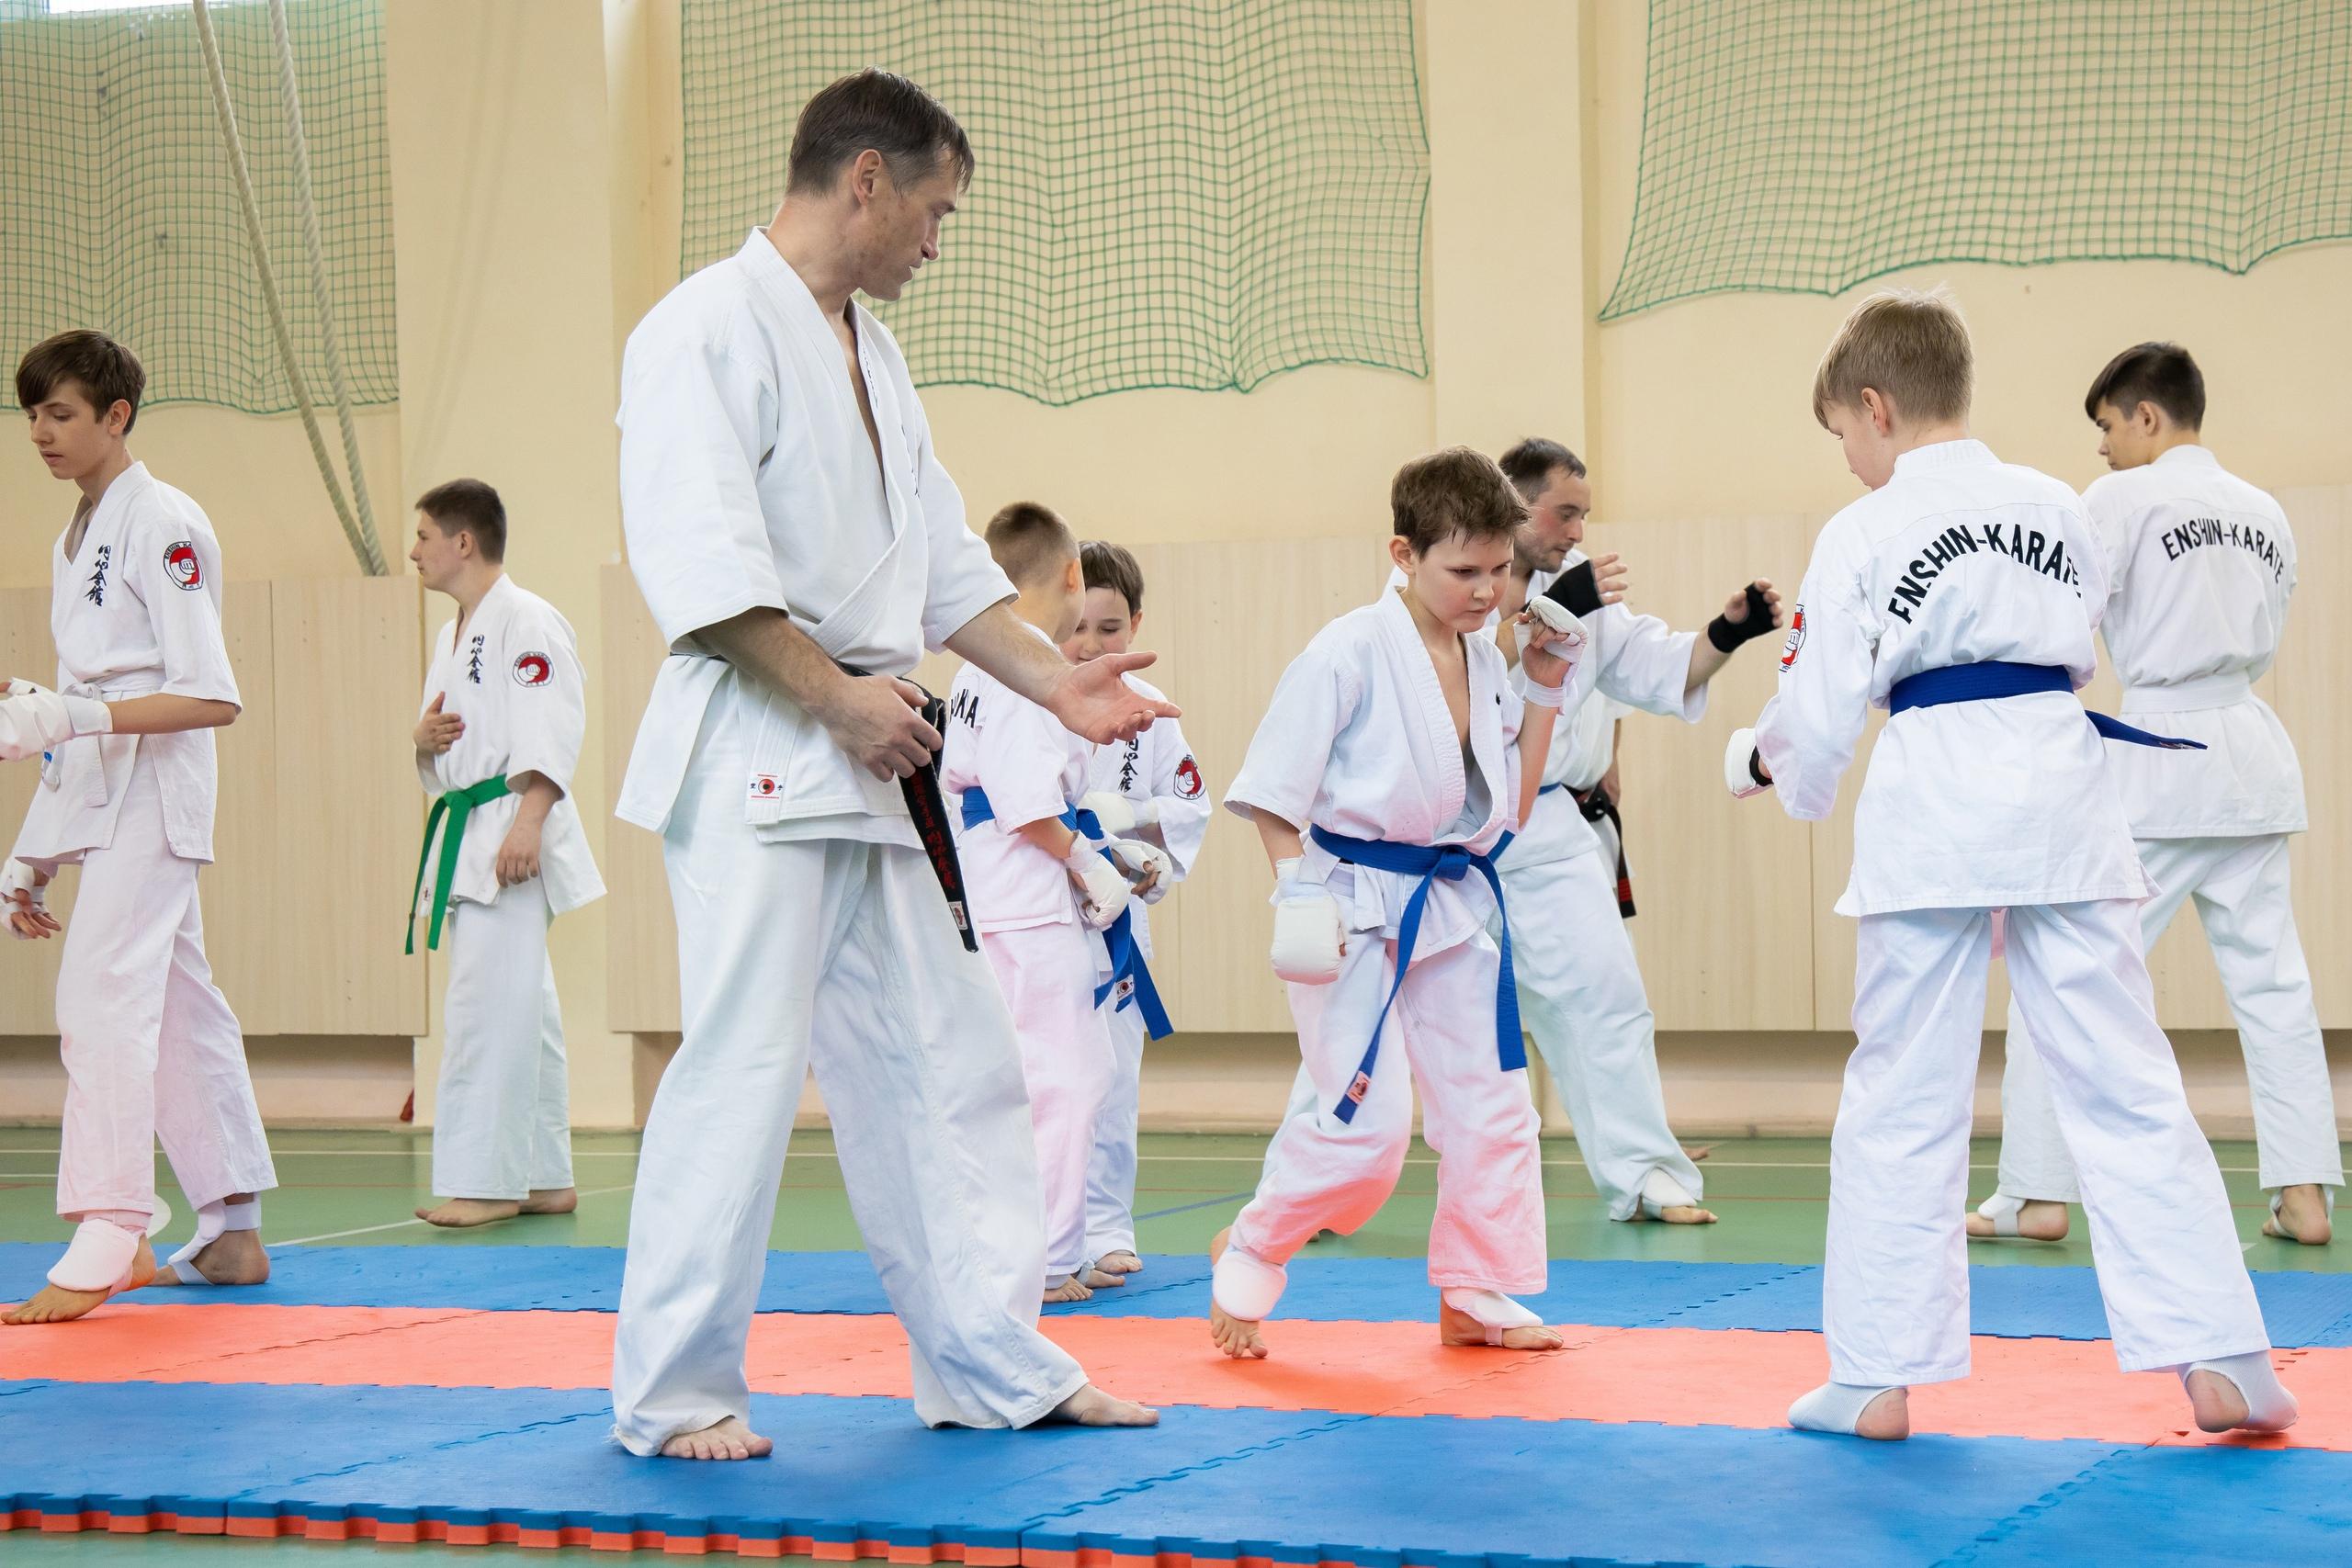 Спортсмены поселения Первомайское приступили к тренировочному сезону